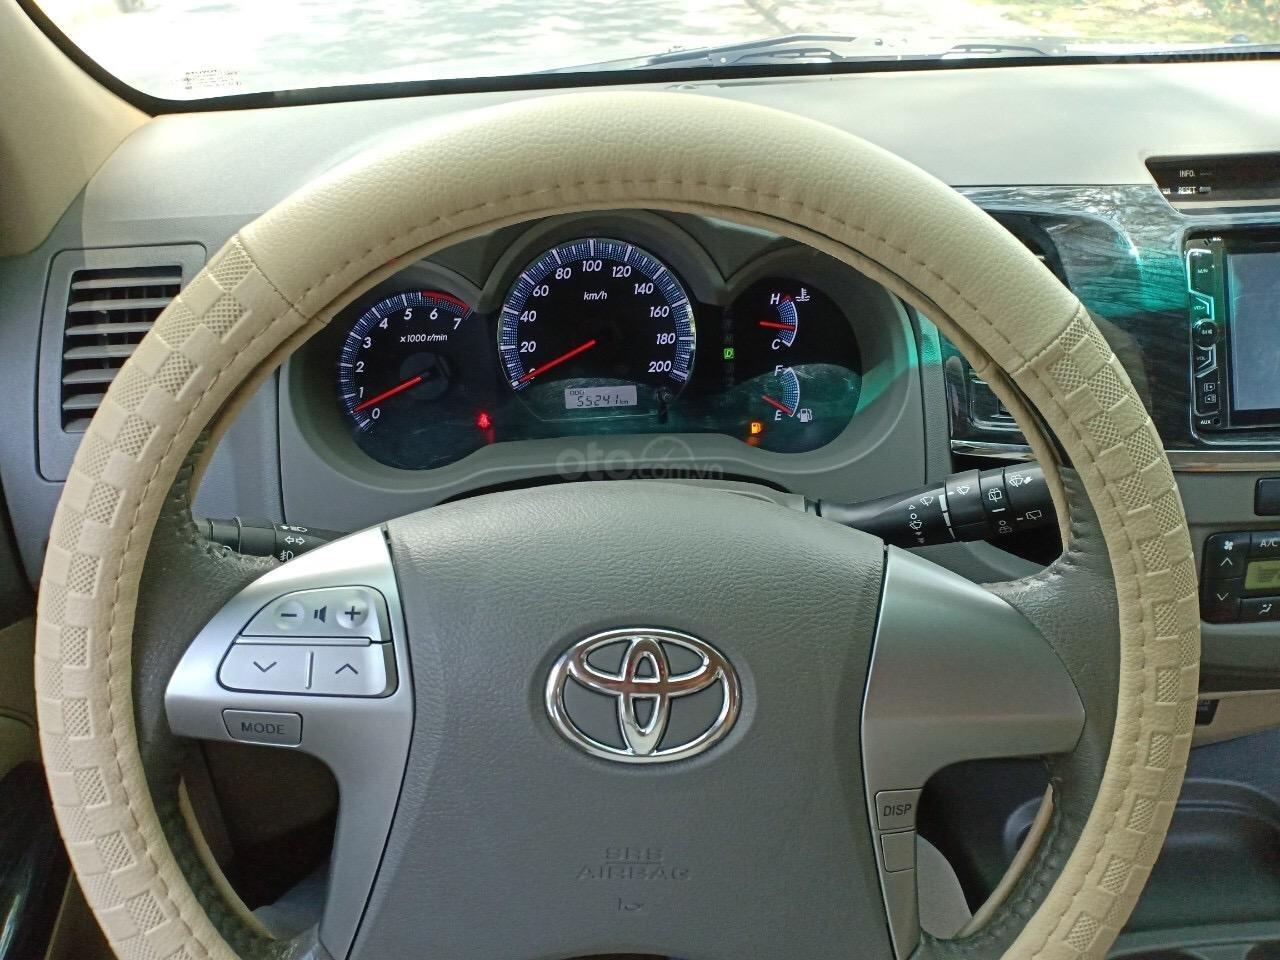 Bán Toyota Fortuner 2.7V năm 2013, xe nhà đi sử dụng kĩ, bán giá 665 triệu-7